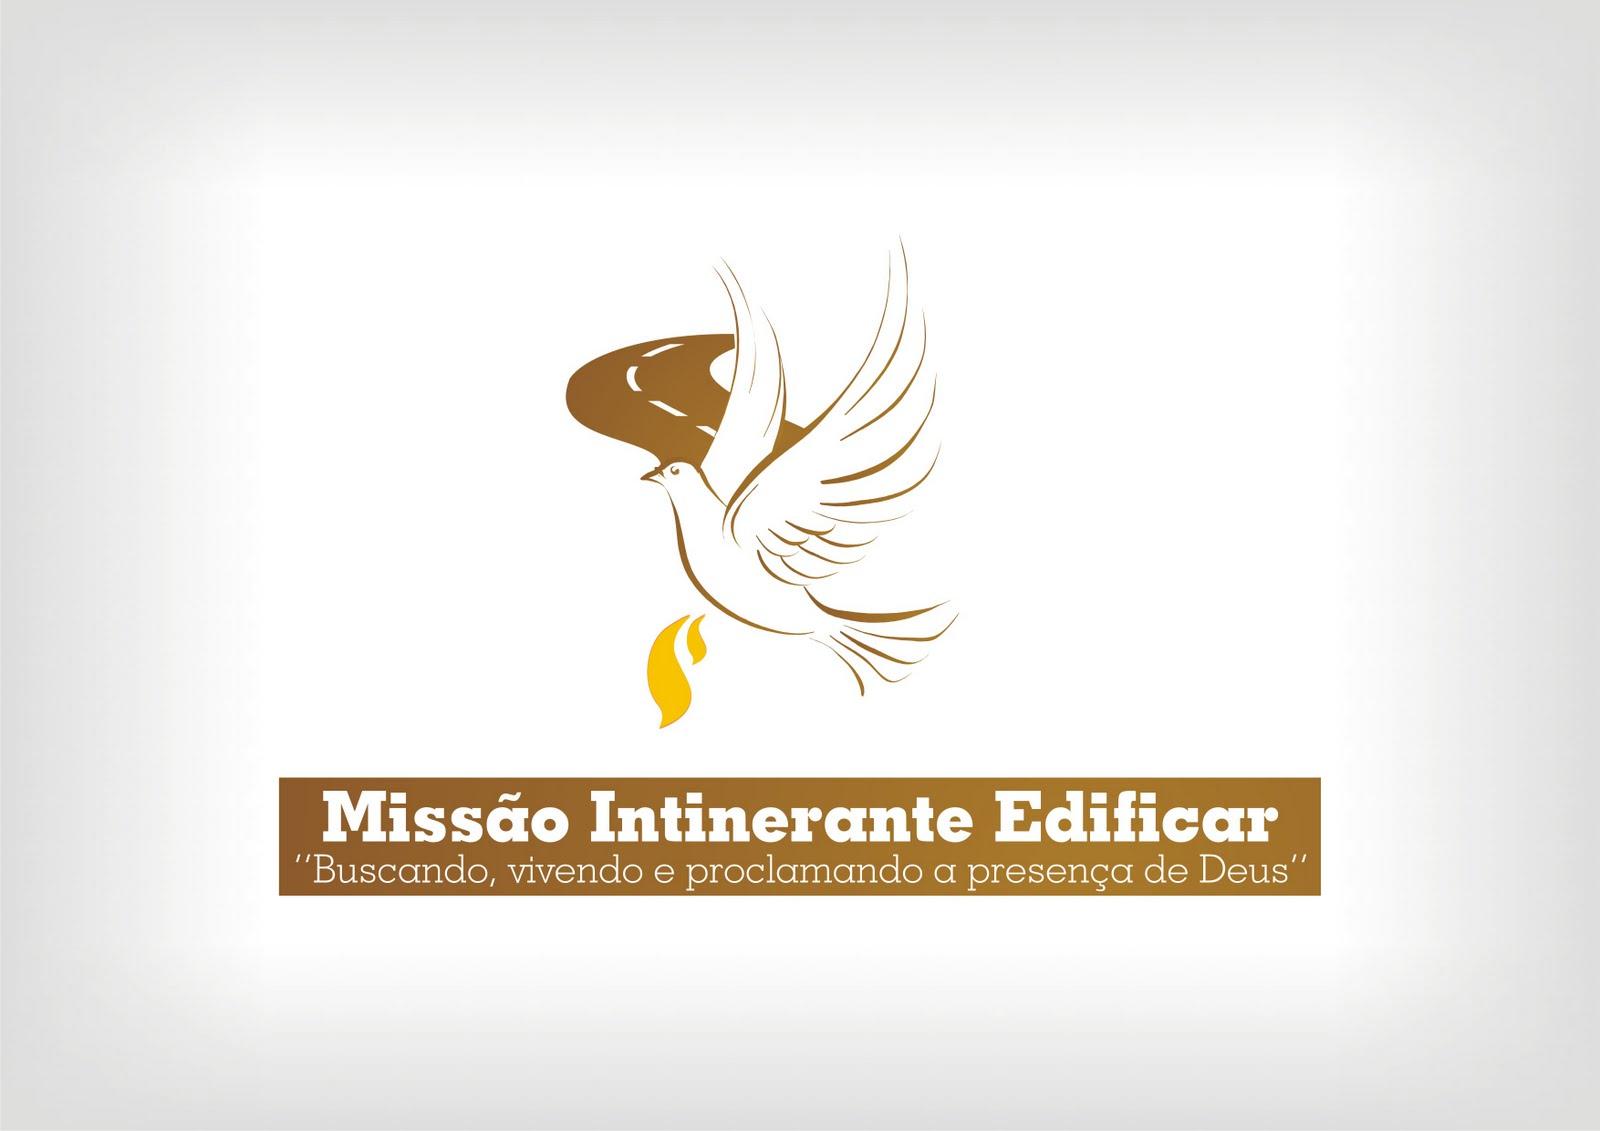 MISSAO INTINERANTE EDIFICAR